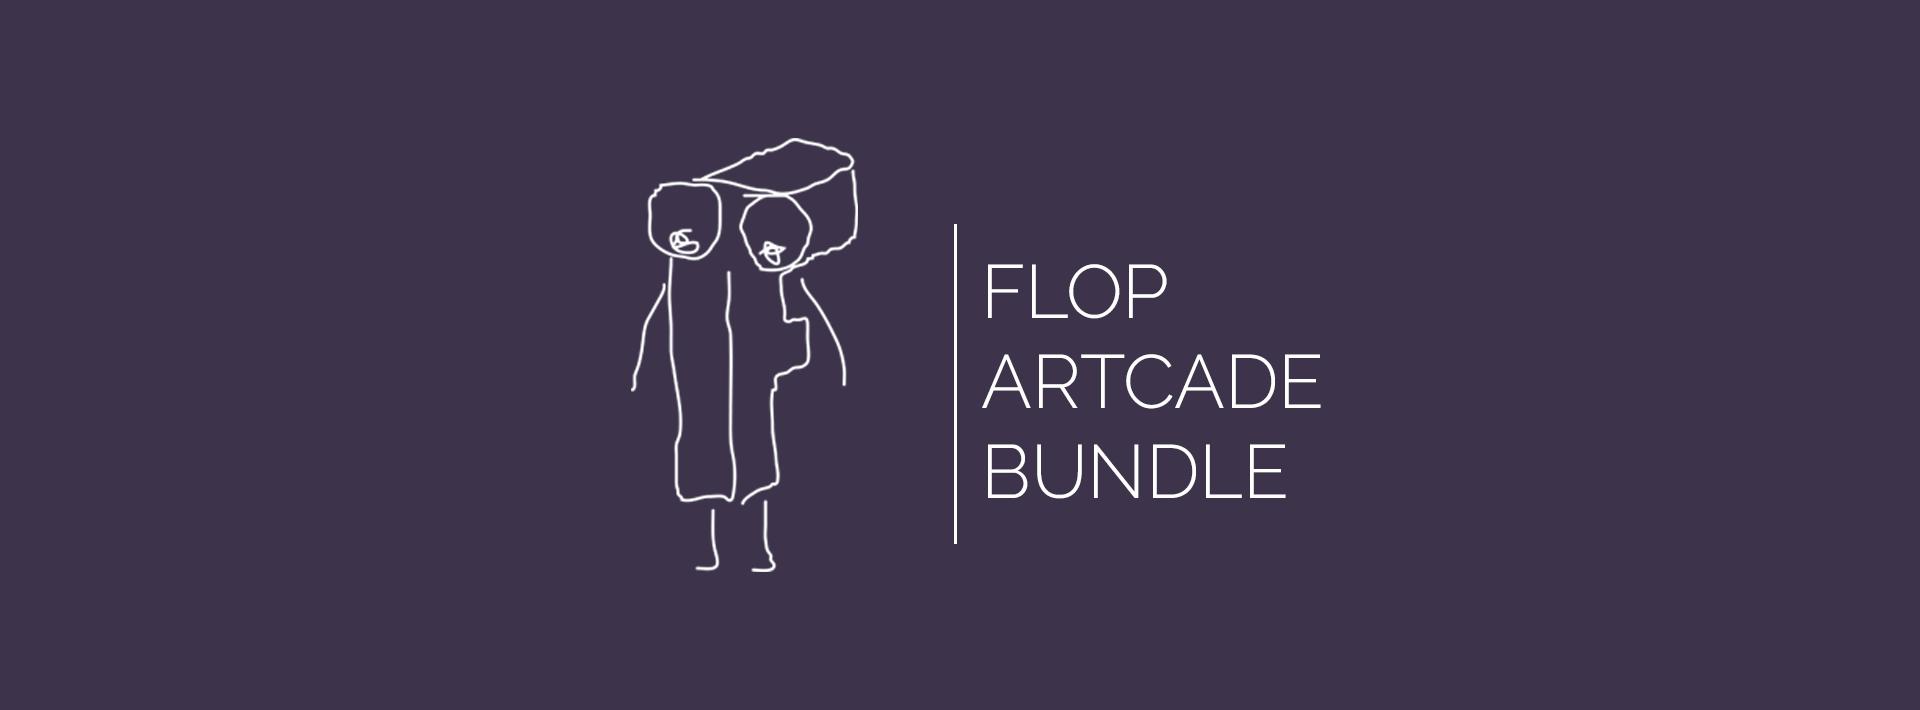 Artcade Bundle